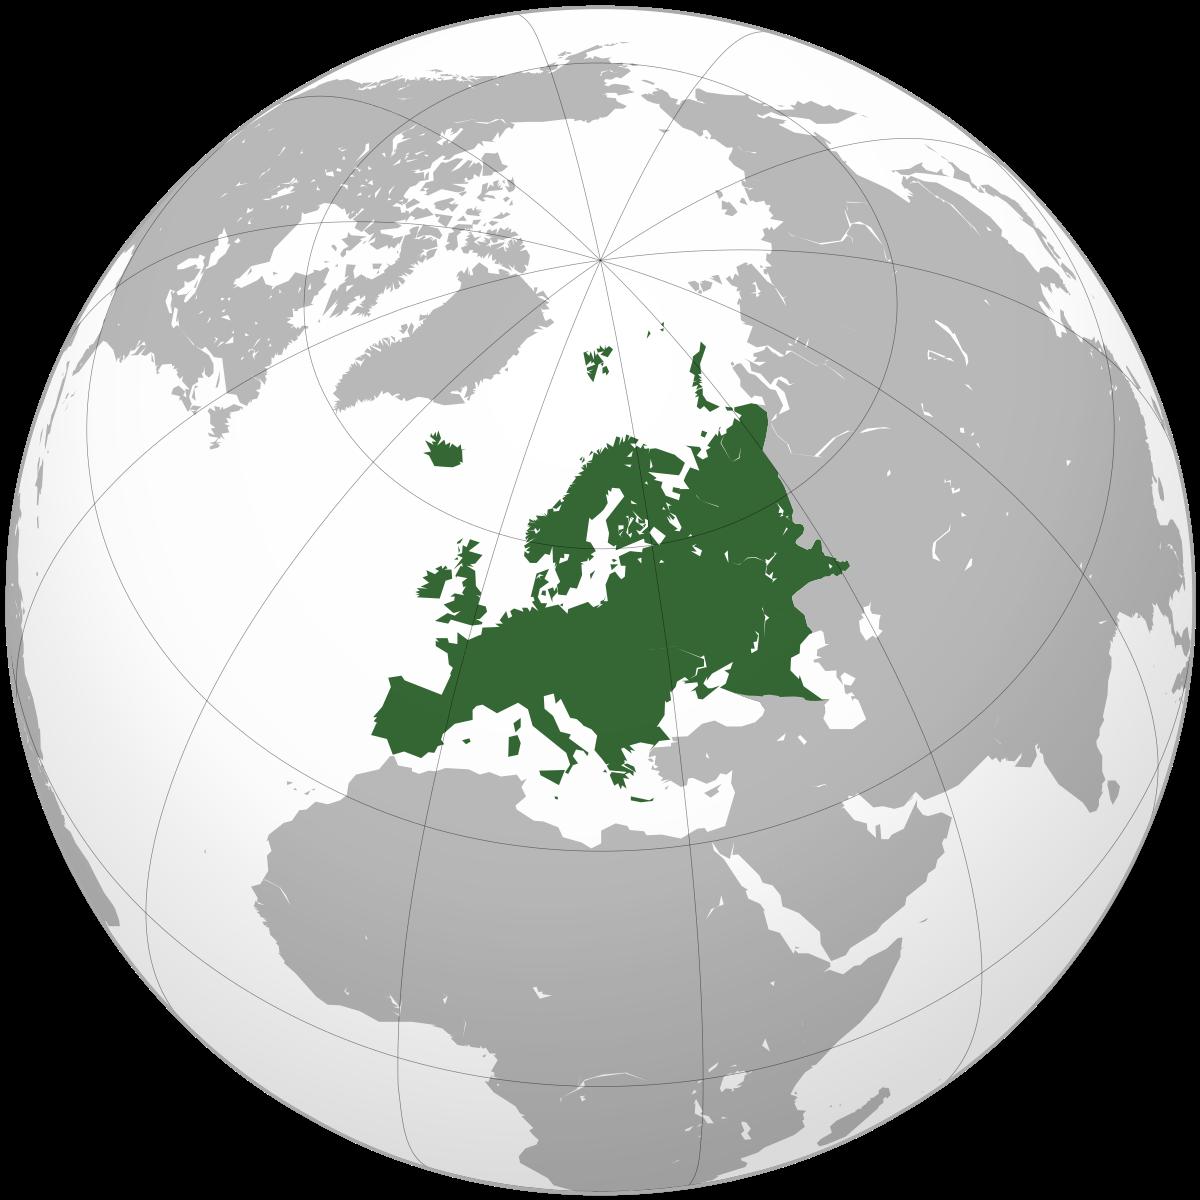 قارة أوروبا